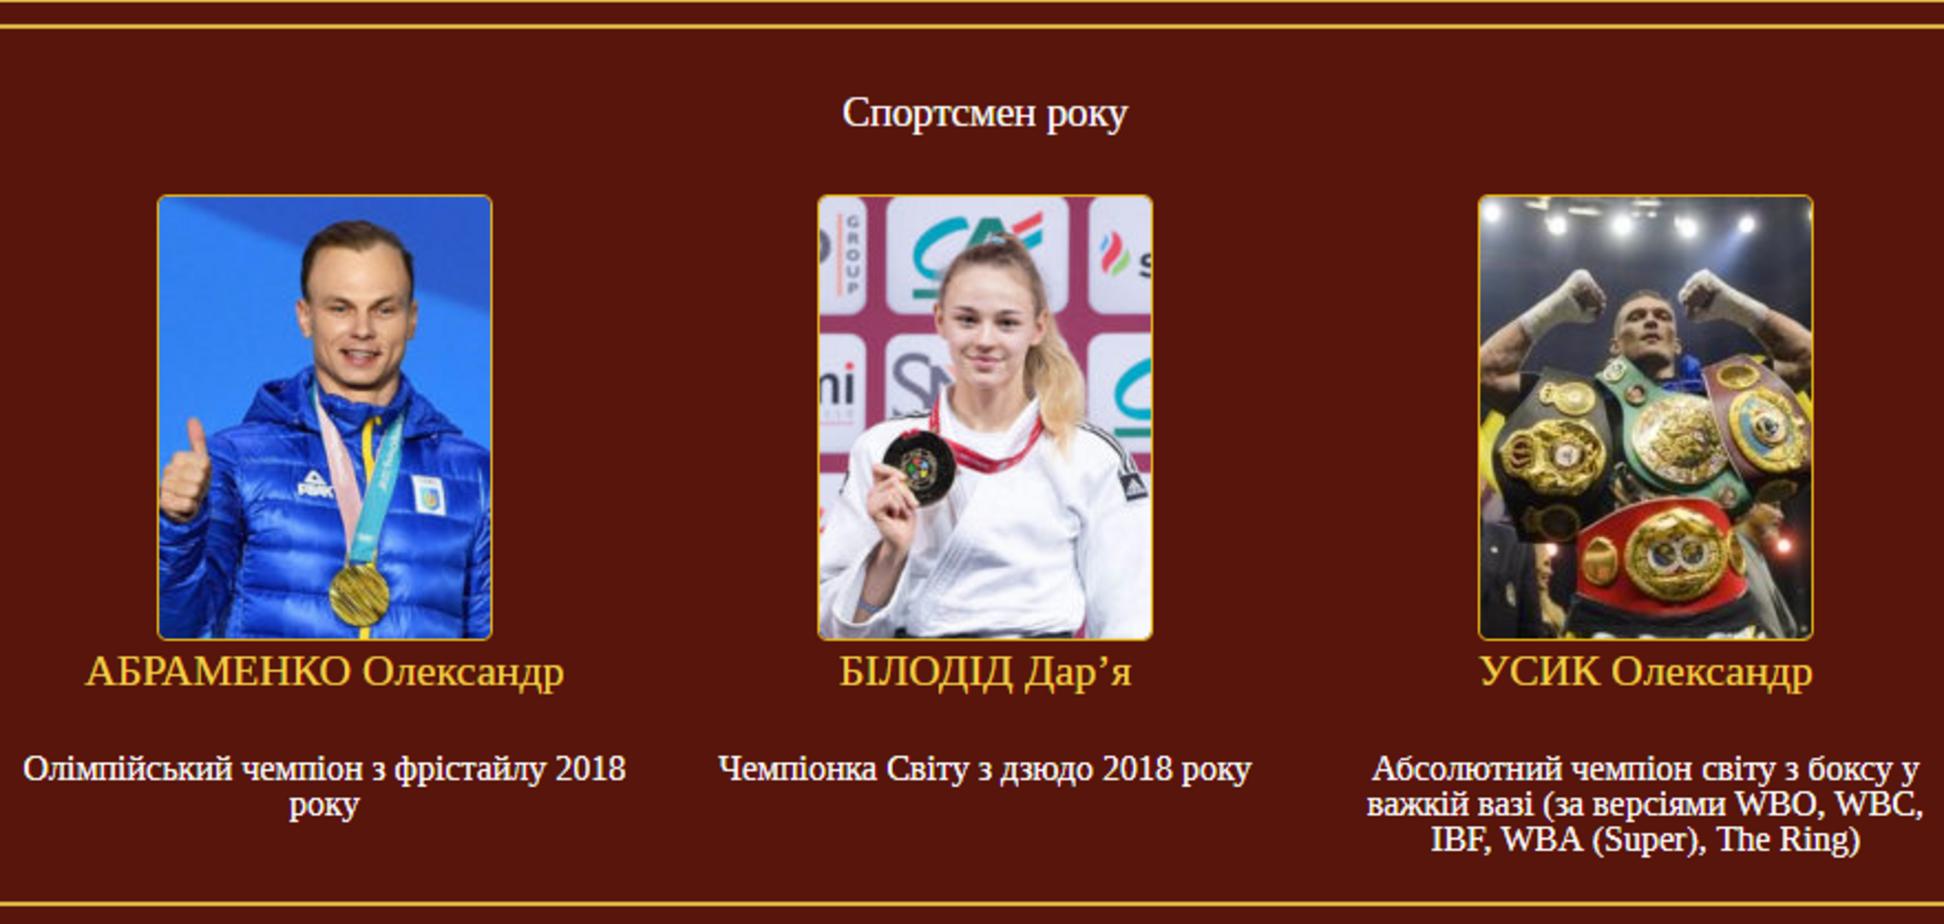 Украинская чемпионка посоревнуется с Усиком в престижной номинации